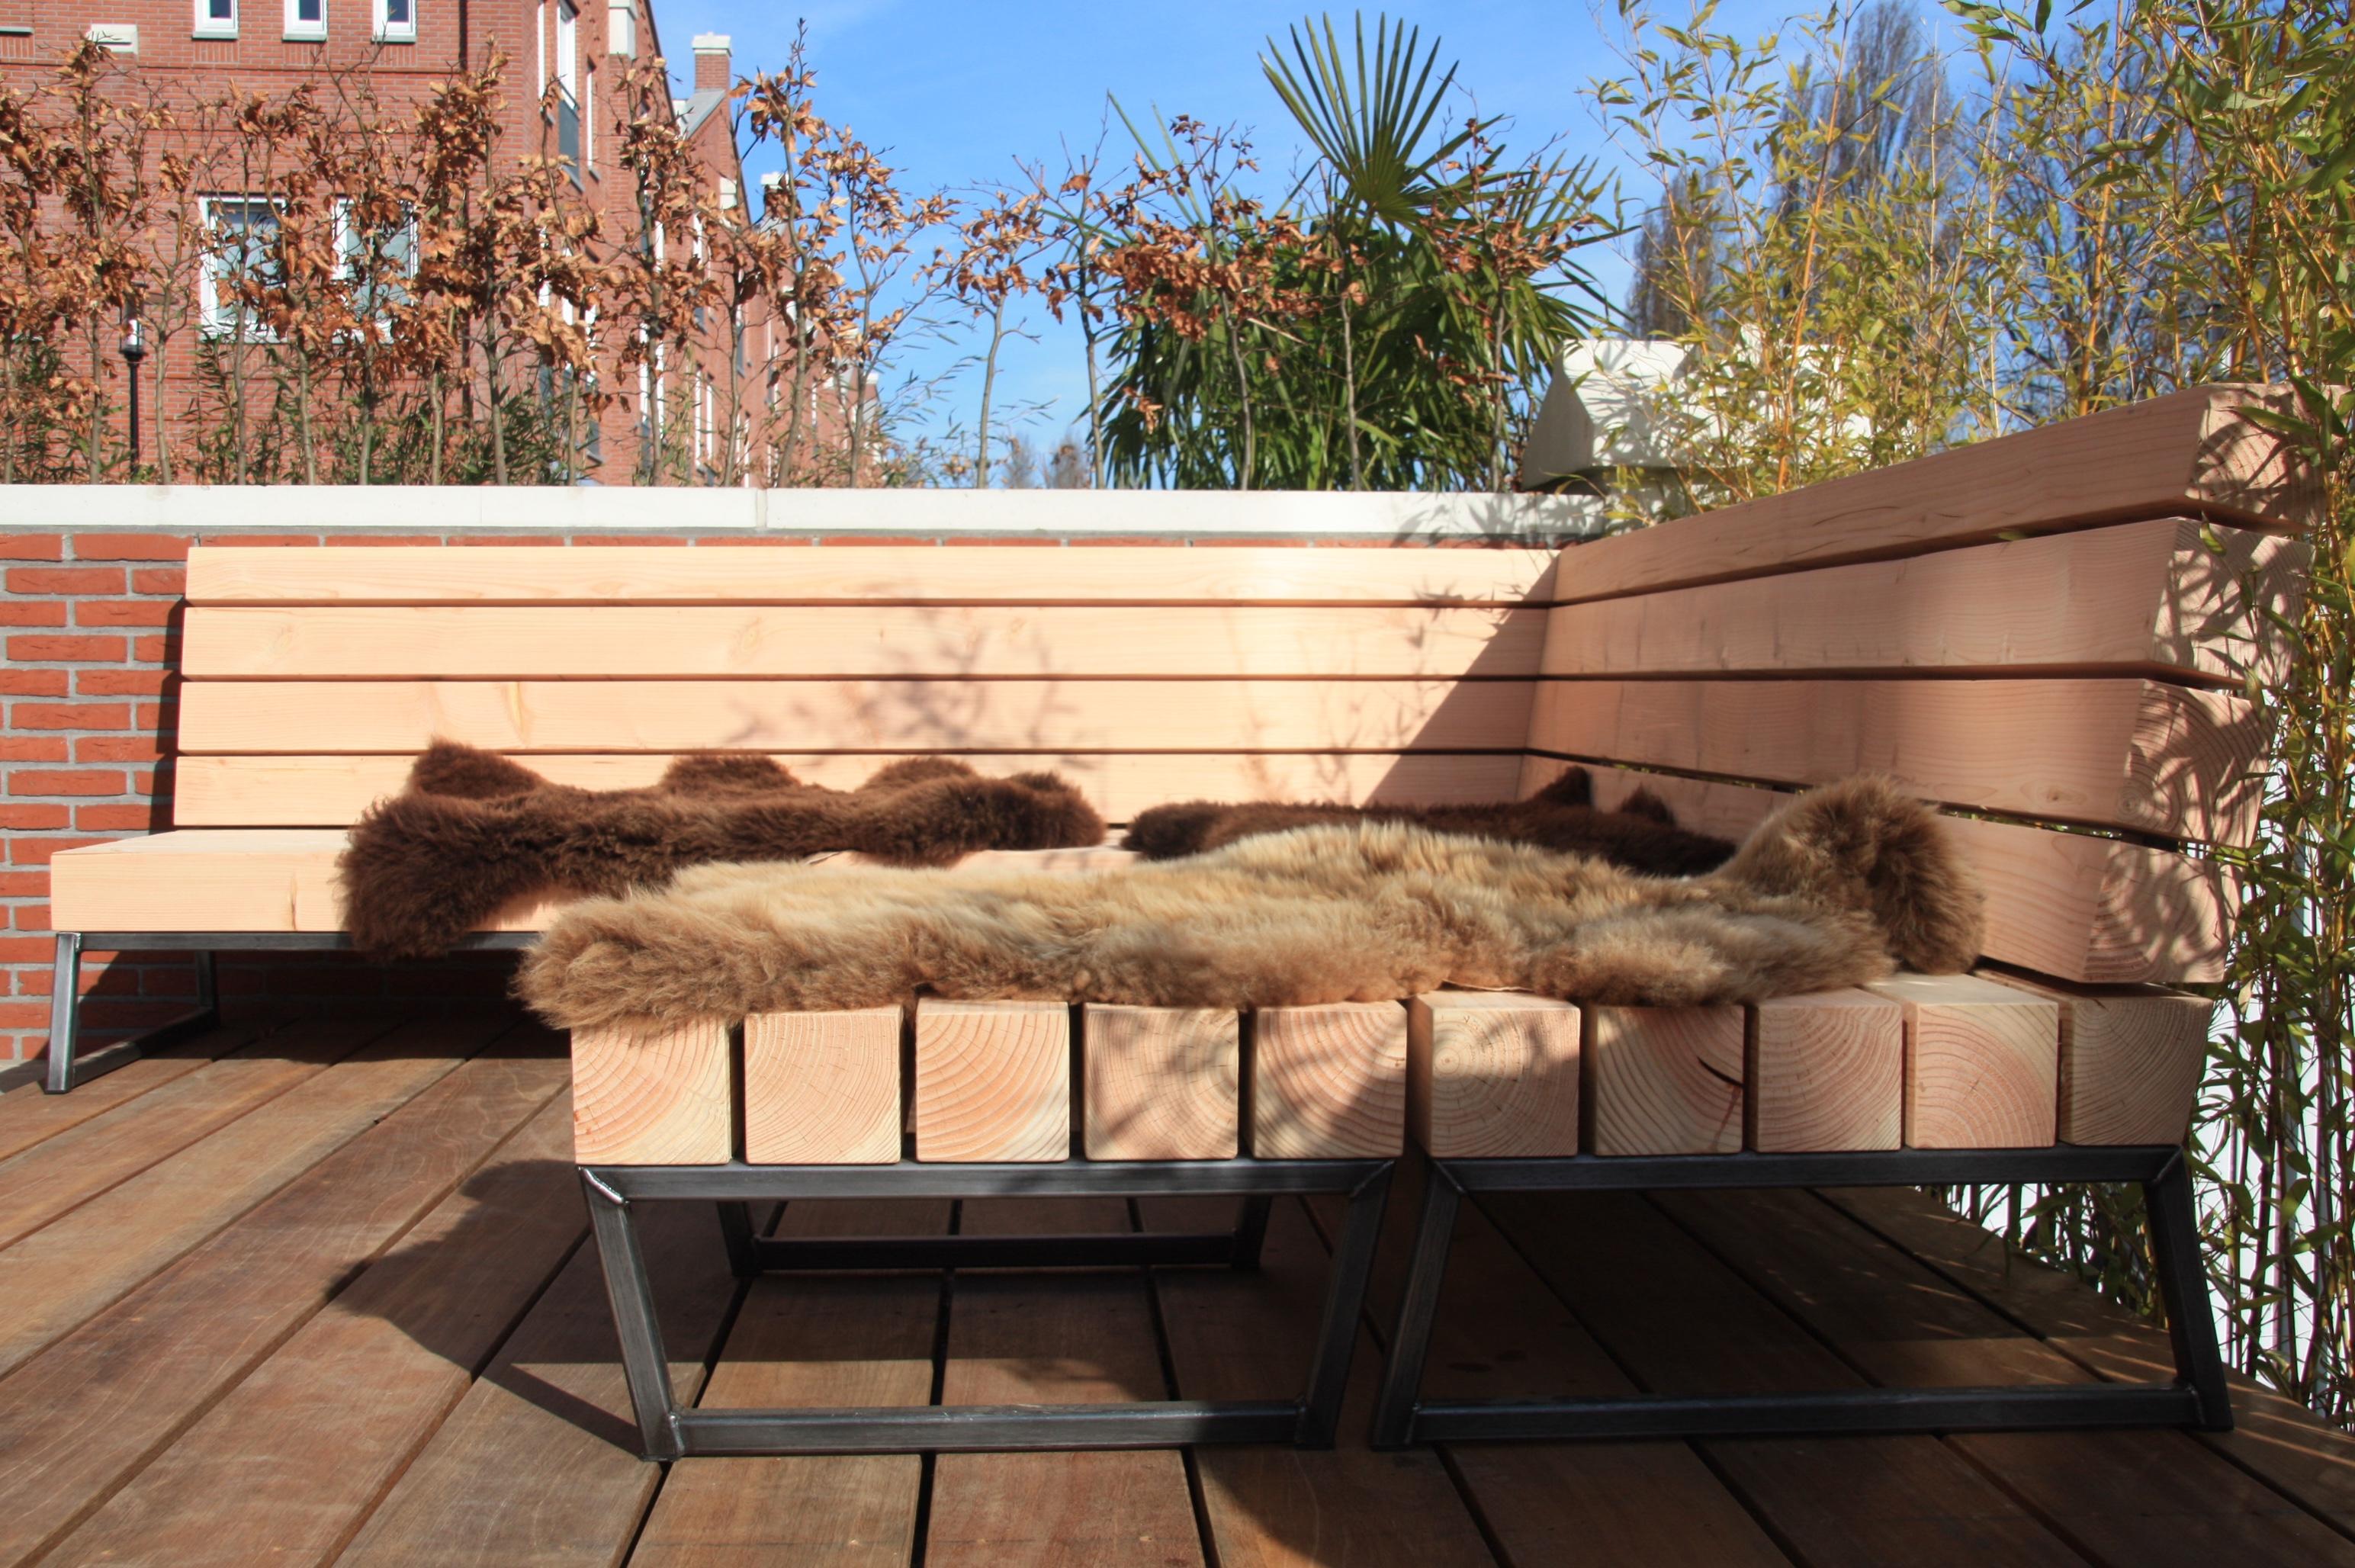 Robuuste tuin loungebank van hout en staal met gave kussens van degelijke kwaliteit en bijpassende hocker. Stoere loungeset tuin van hout. Unieke design loungebank tuin. Tuinbank douglas en staal.